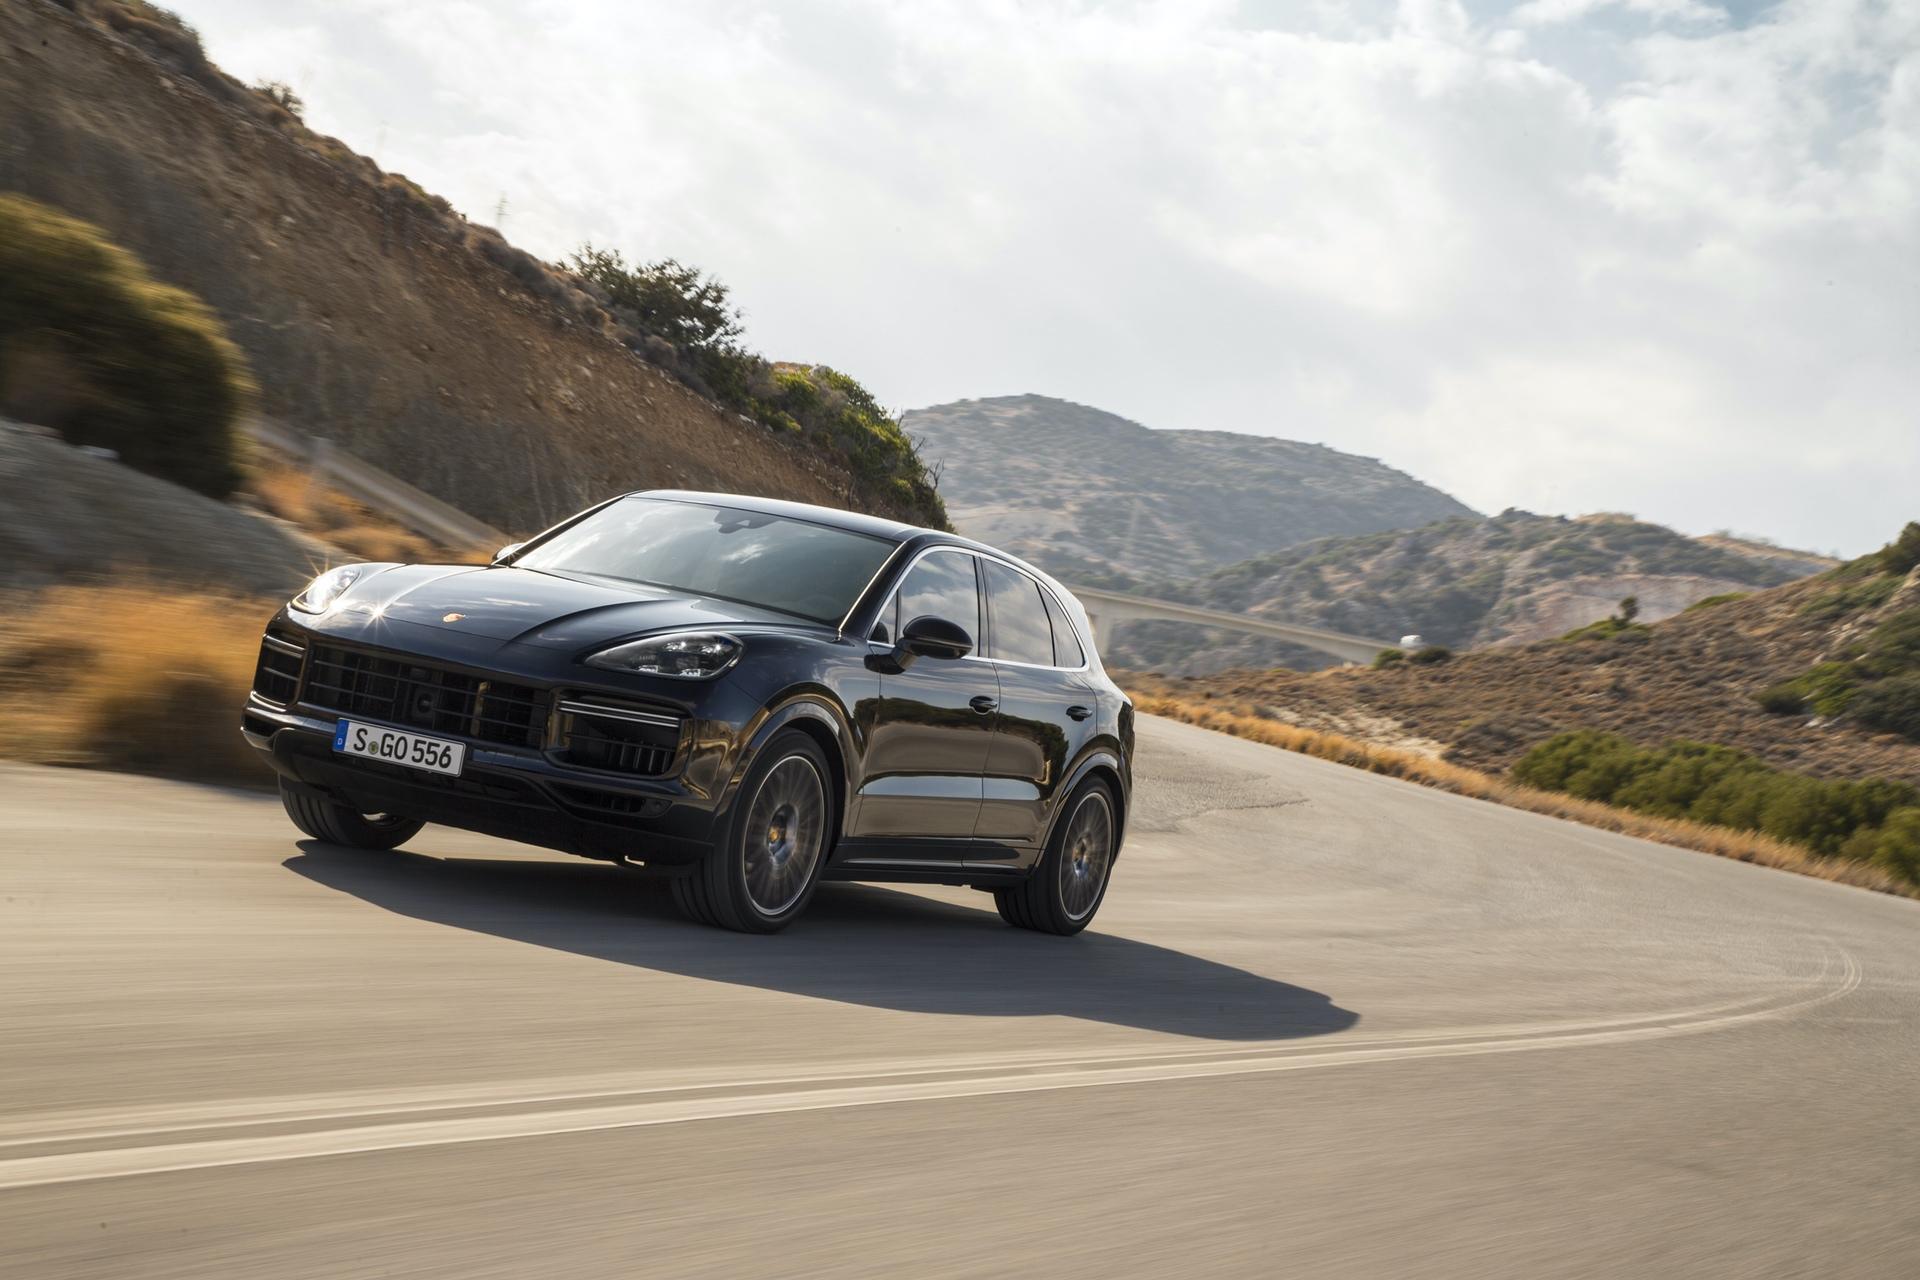 Test_Drive_Porsche_Cayenne_116